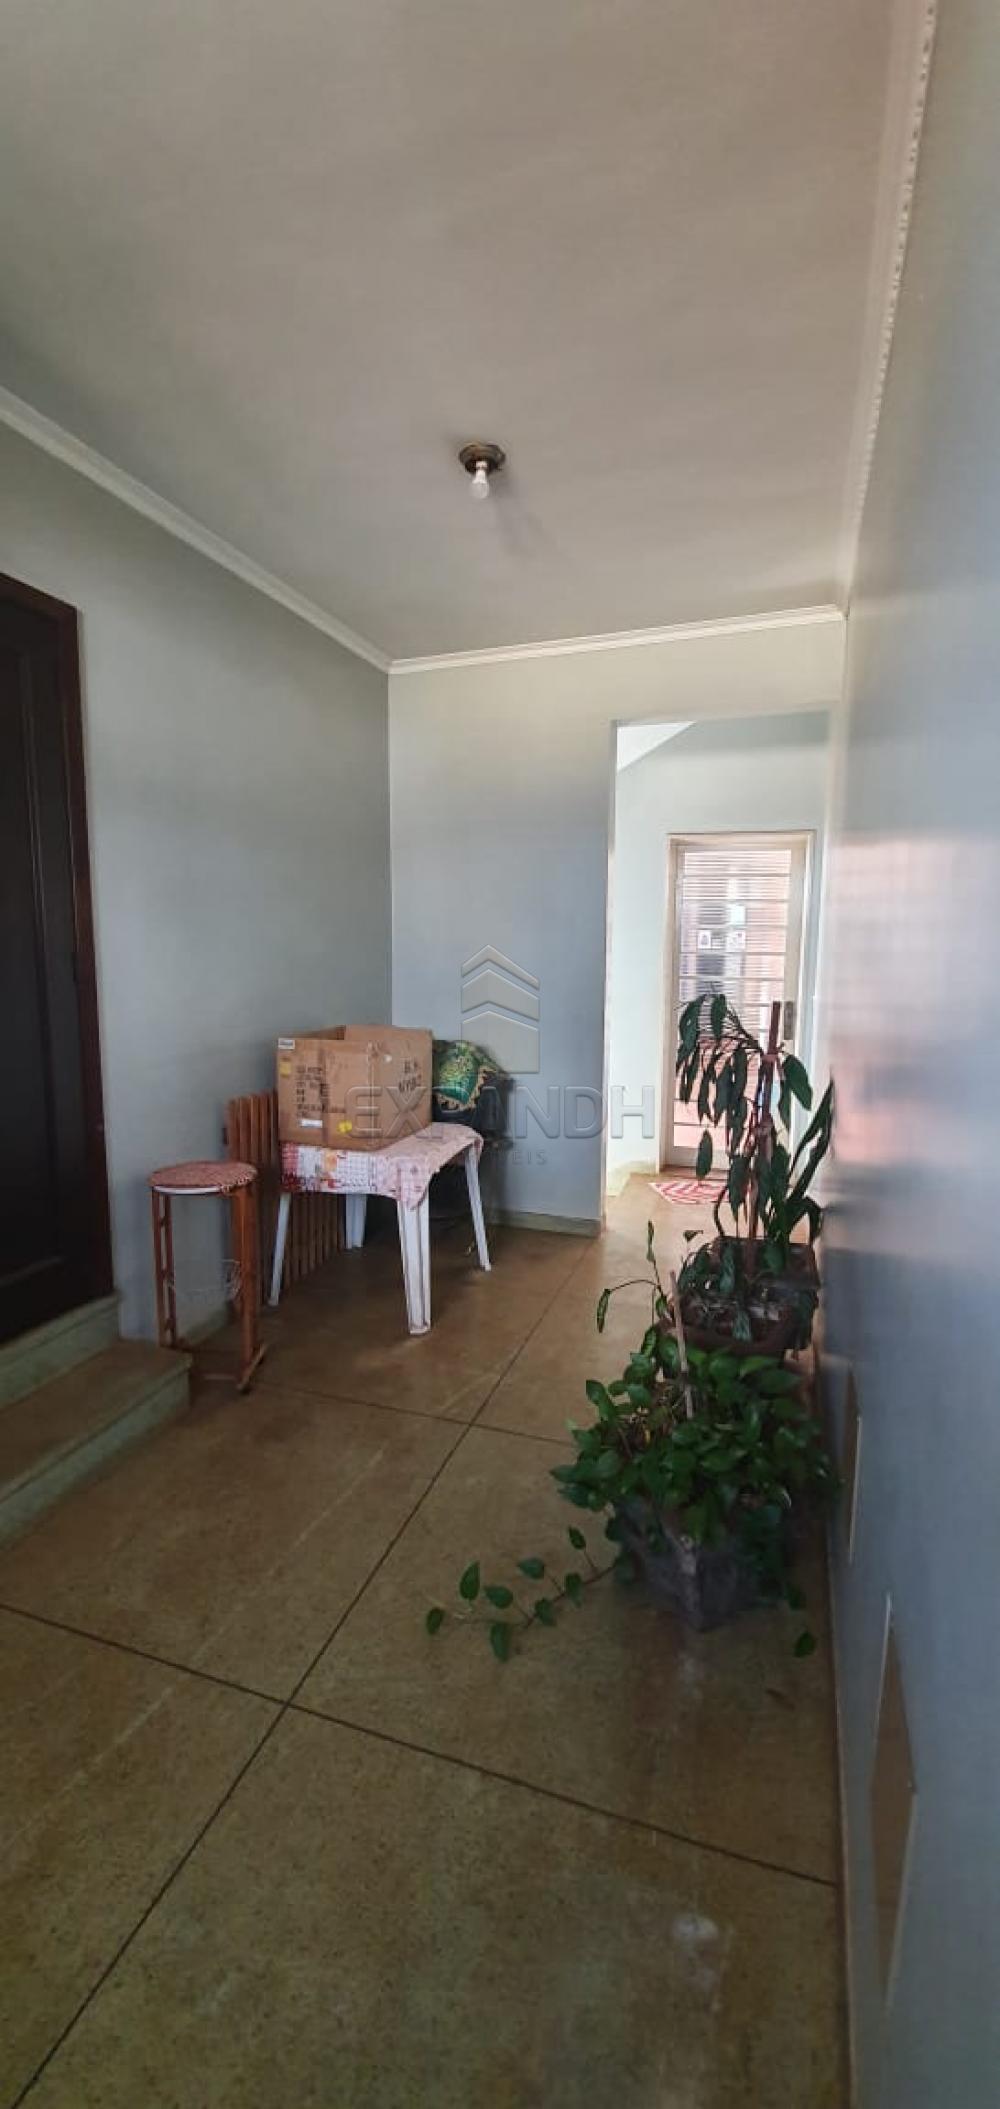 Comprar Apartamentos / Padrão em Sertãozinho apenas R$ 650.000,00 - Foto 16